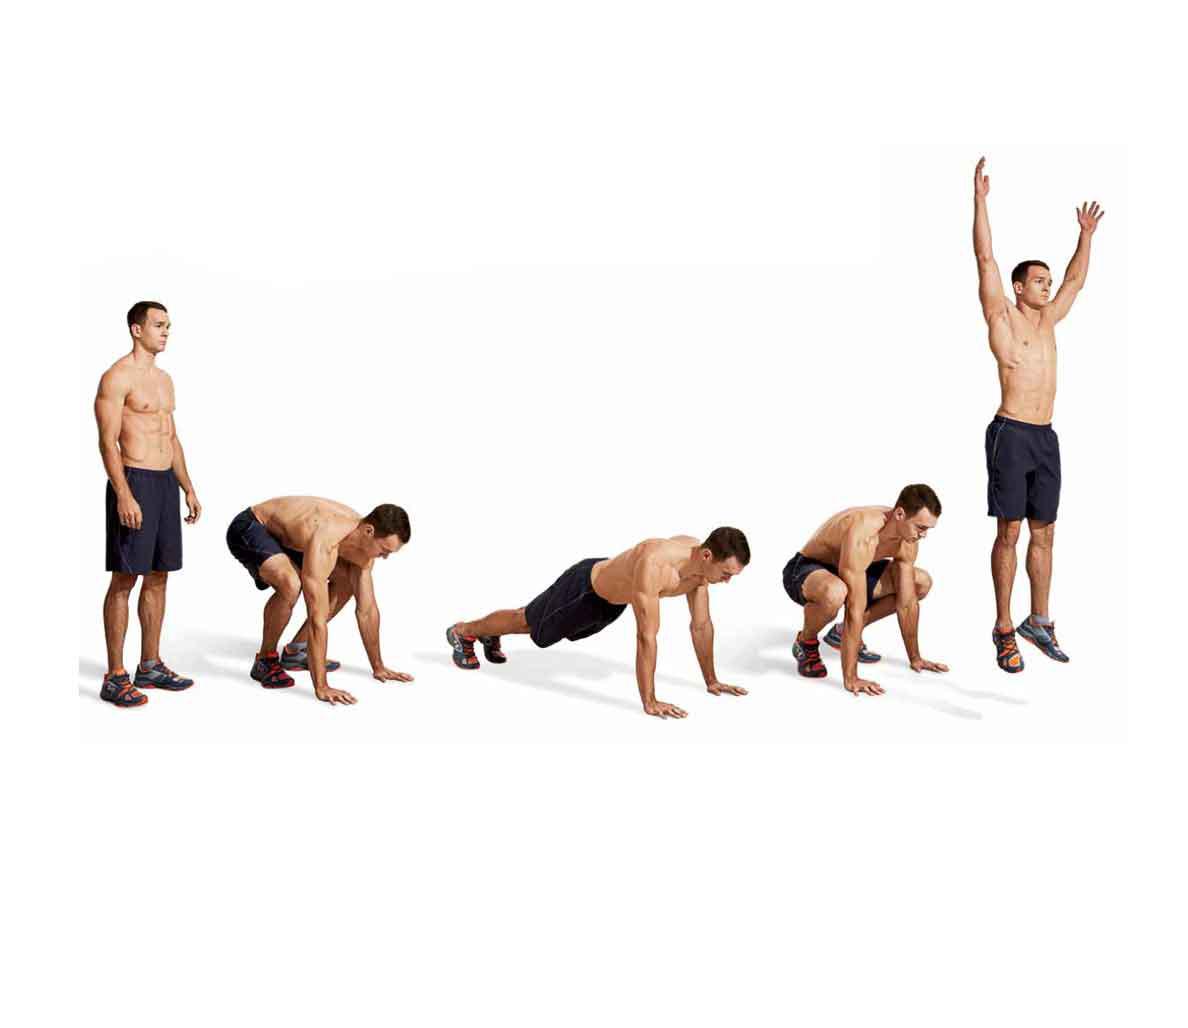 шипучий упражнения мужчин в домашних условиях в картинках будут